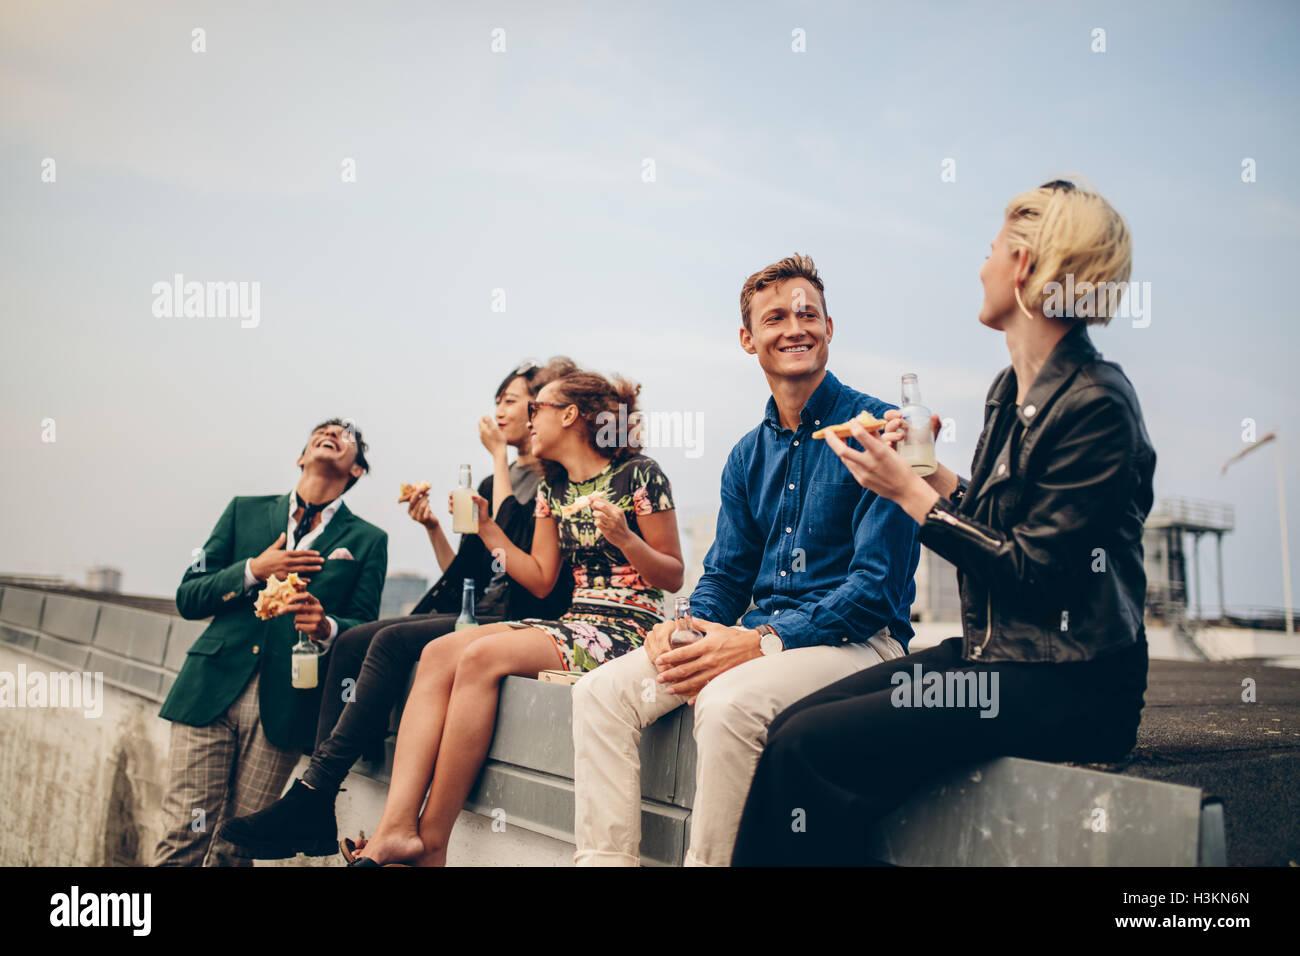 Groupe d'amis à faire la fête sur la terrasse, boire et manger. Les jeunes, hommes et femmes, de prendre Photo Stock